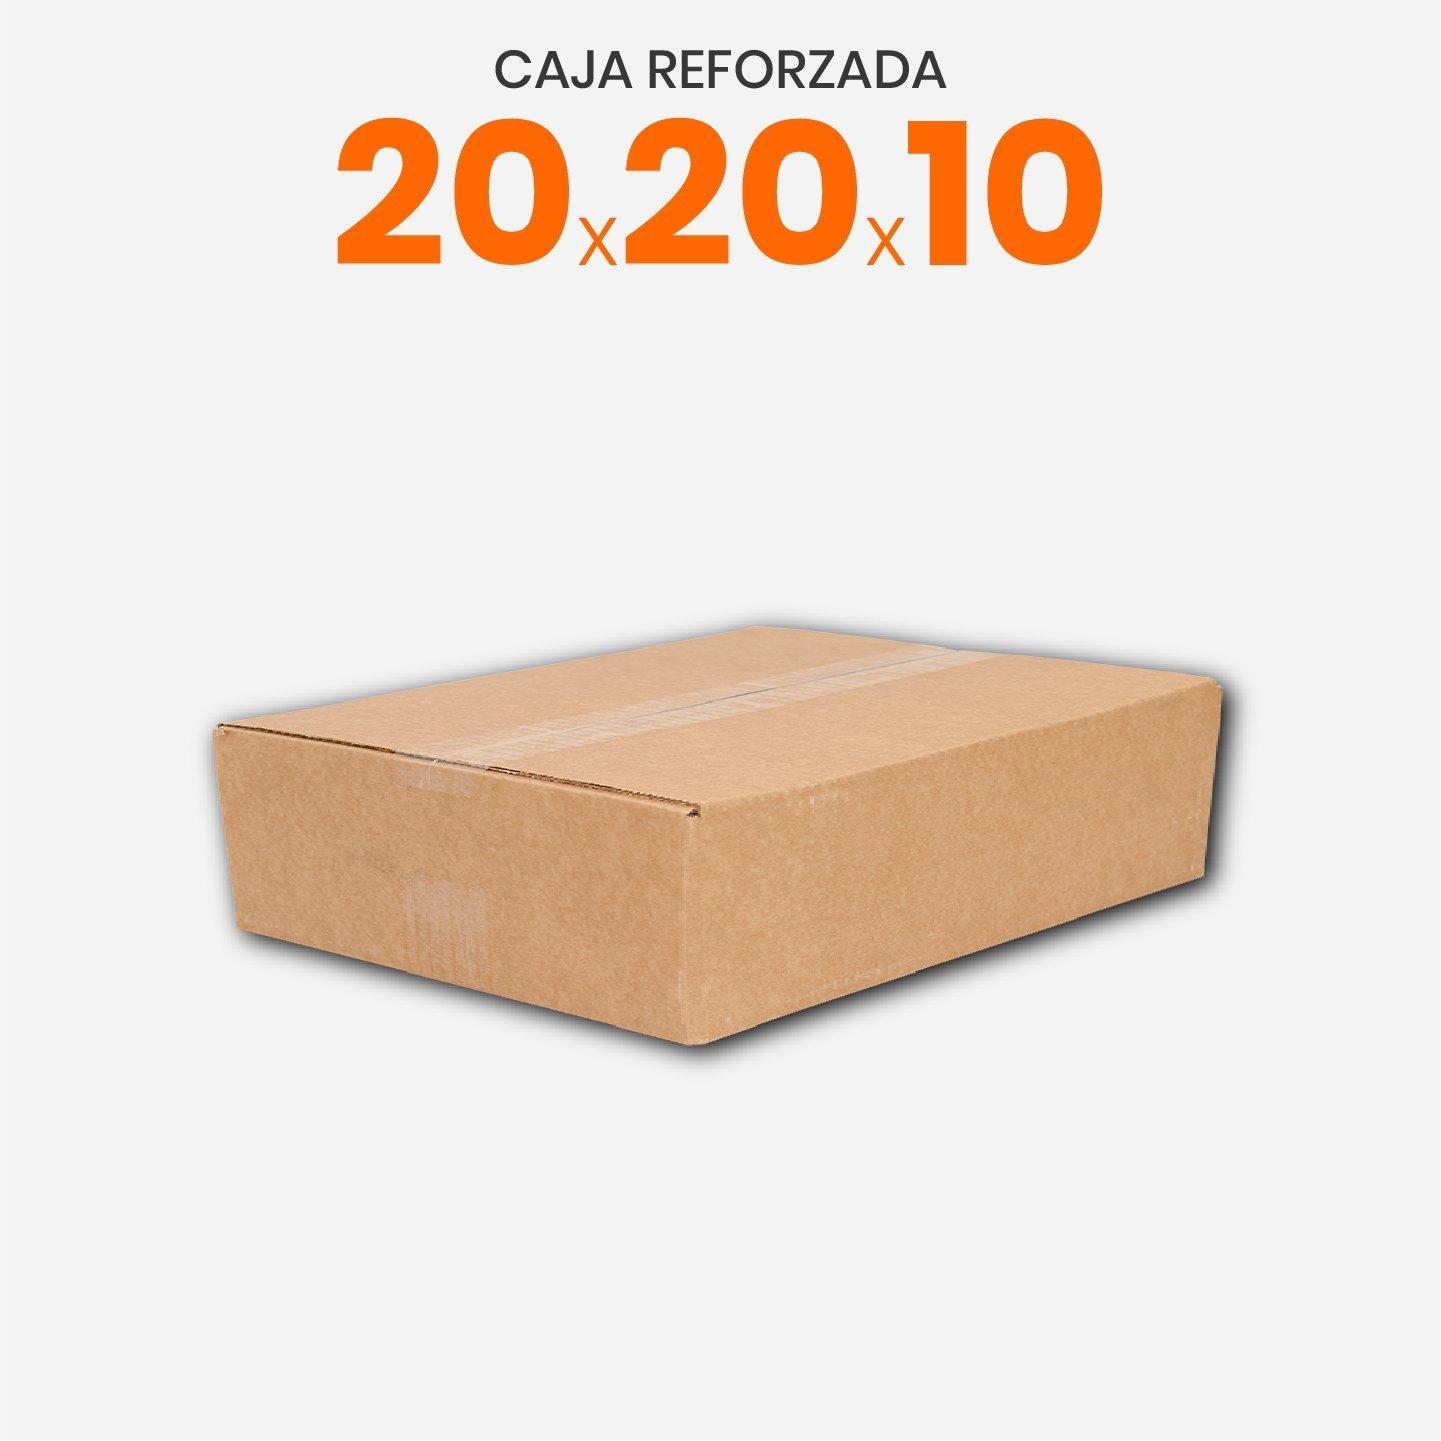 Caja De Cartón Corrugado Reforzada 20x20x10